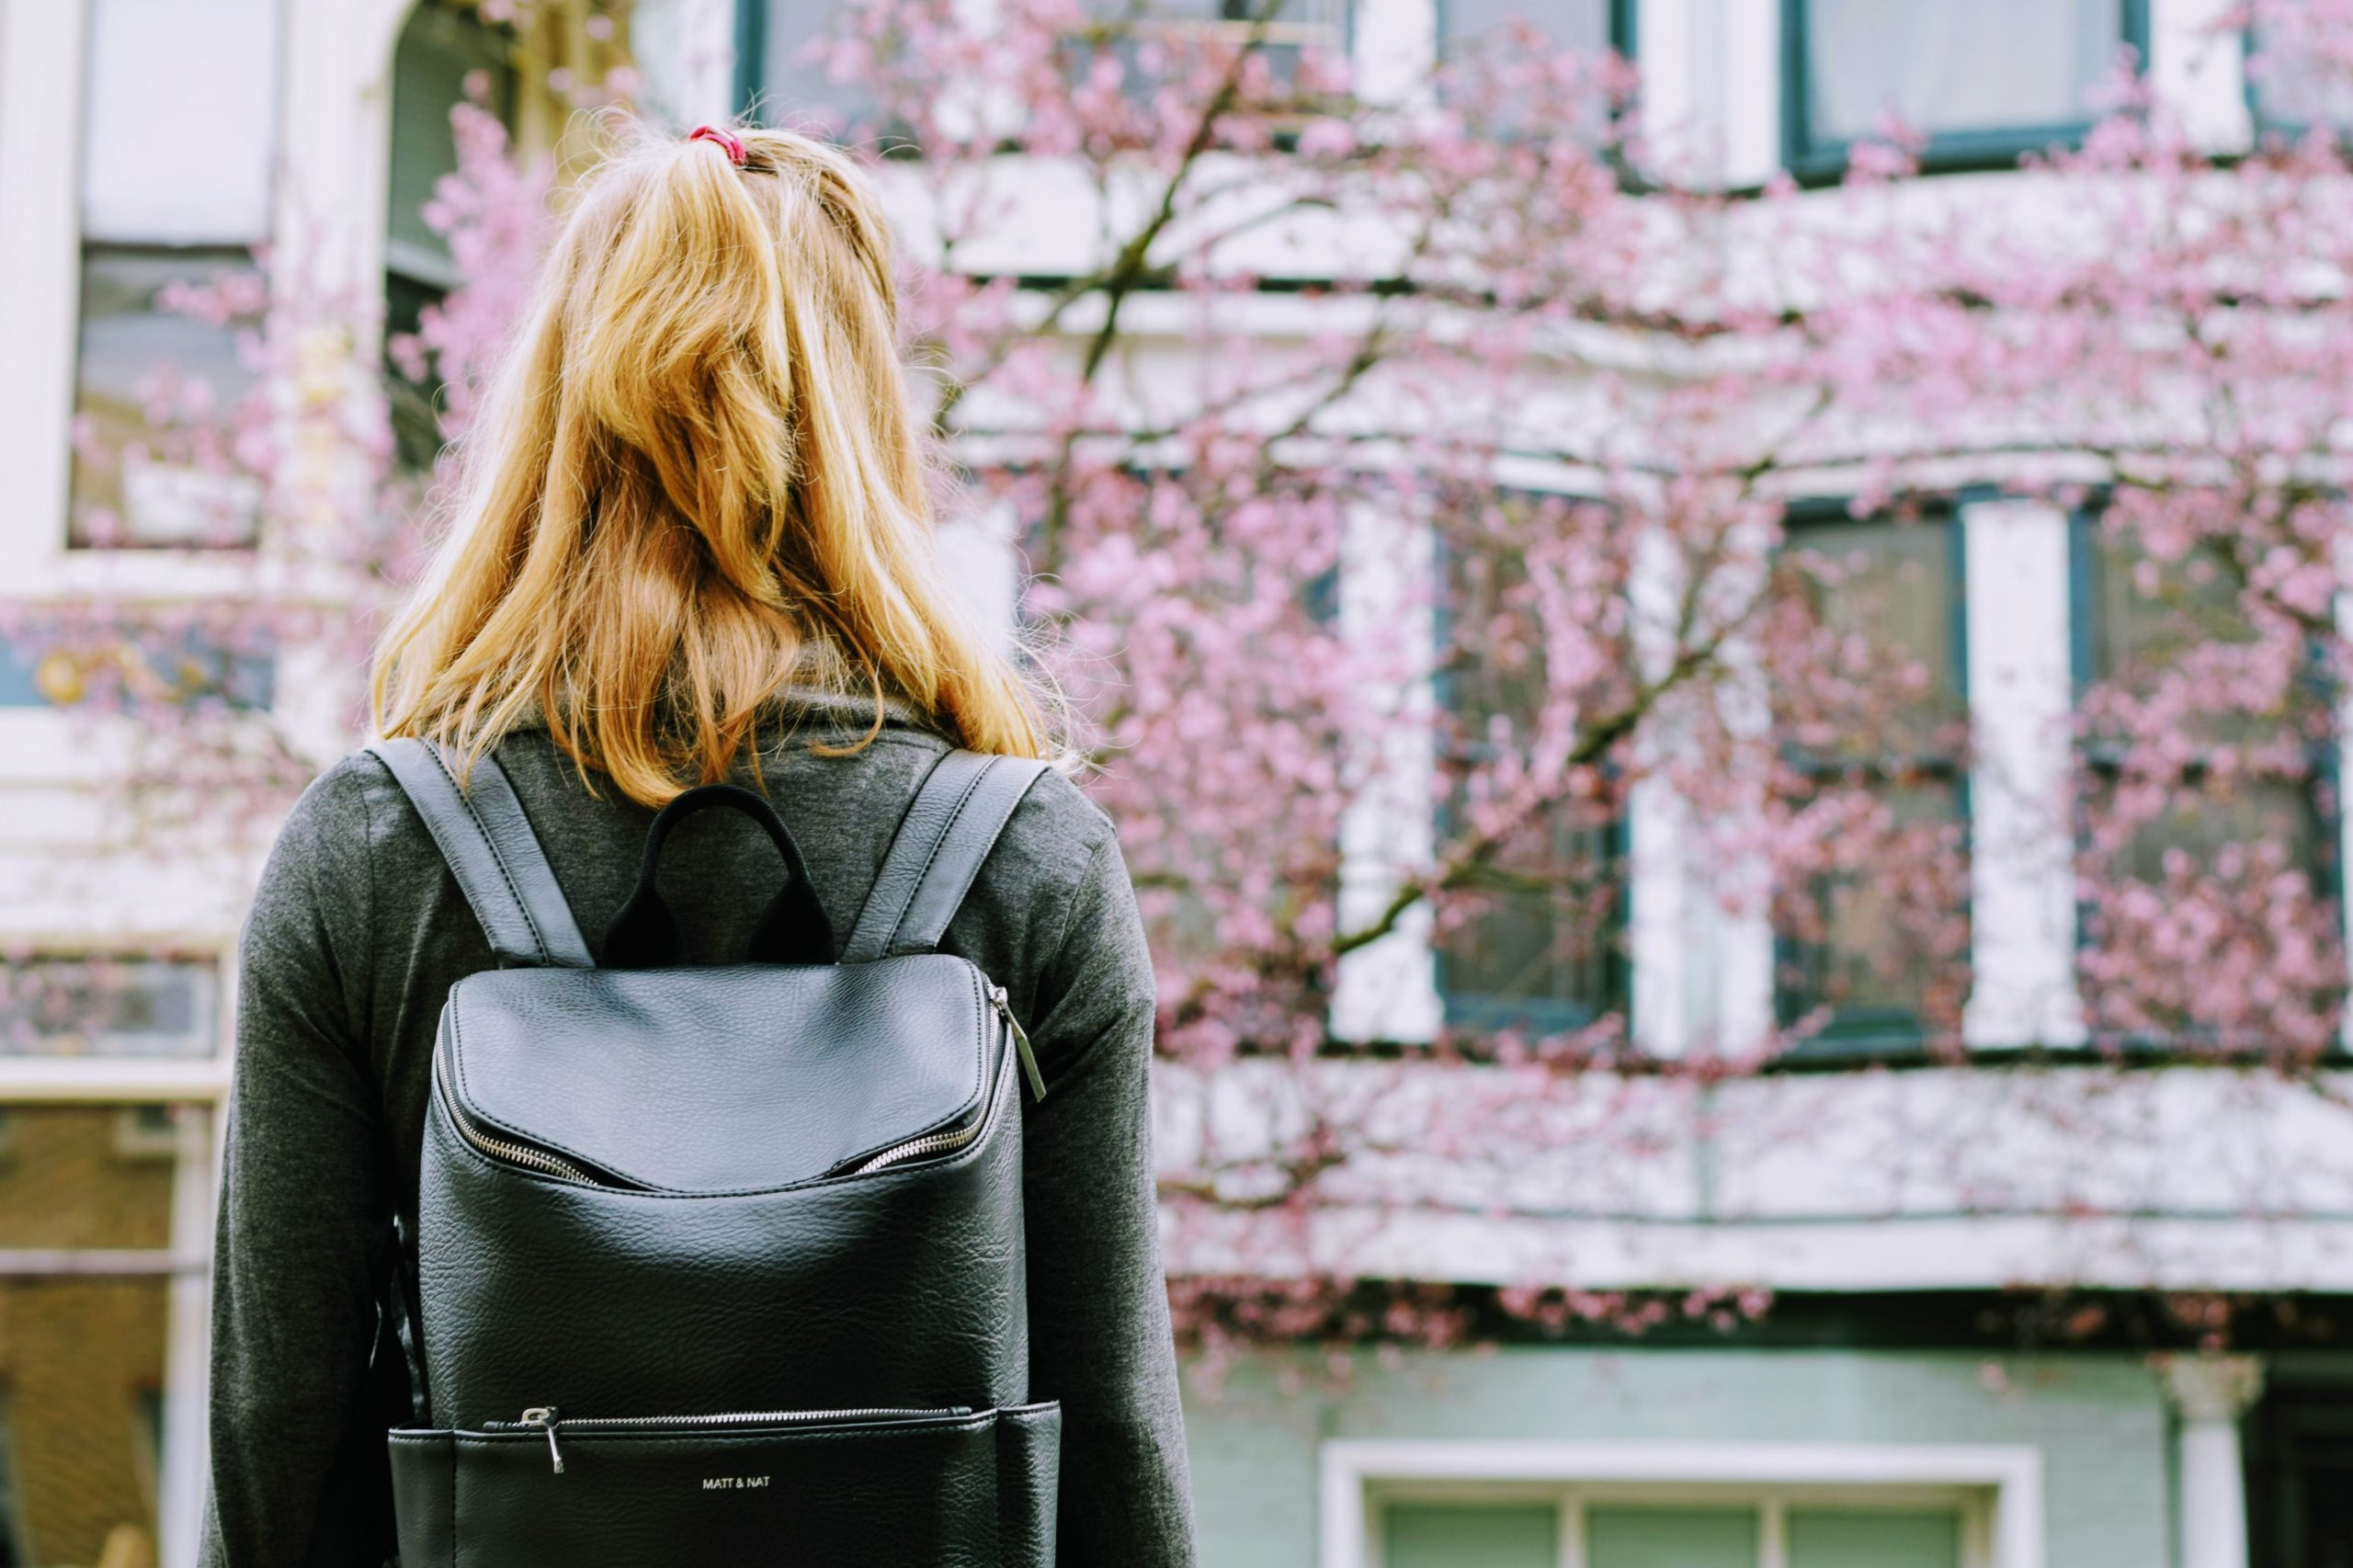 大学の校舎前にいる新入生の学生